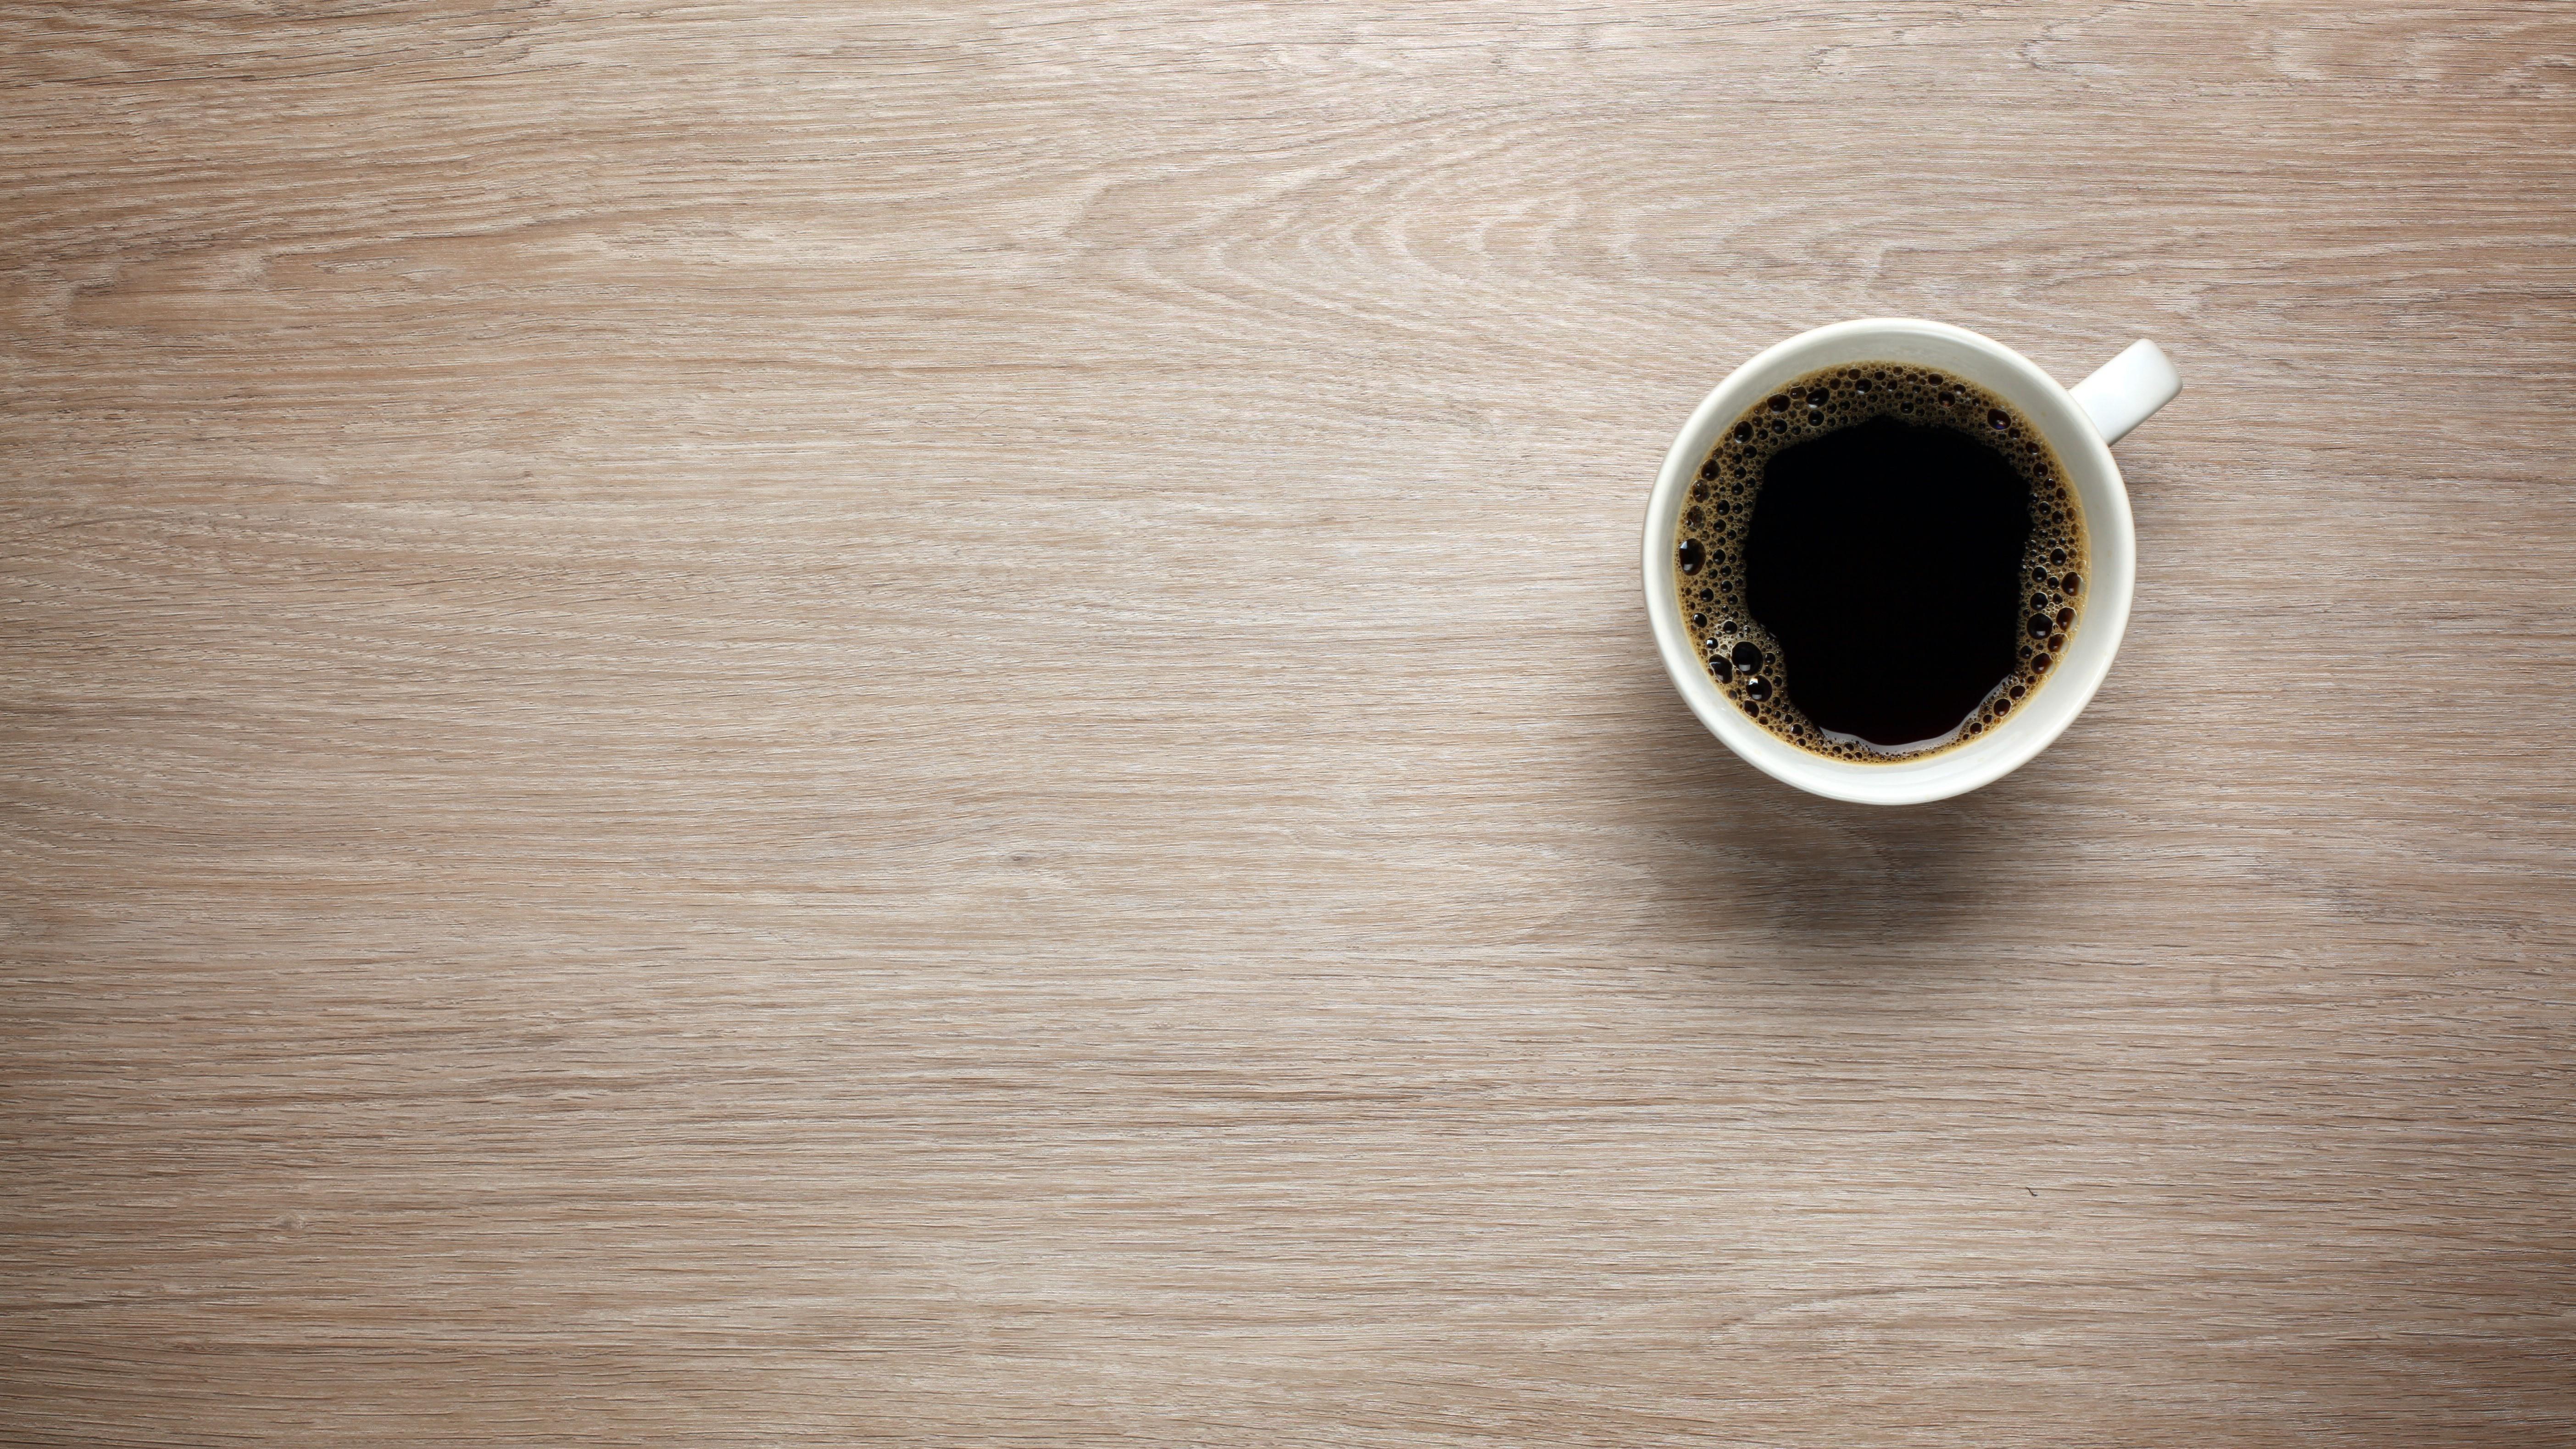 커피 한 잔도 하나님의 임재를 경험하는 순간을 제공할 수 있다.